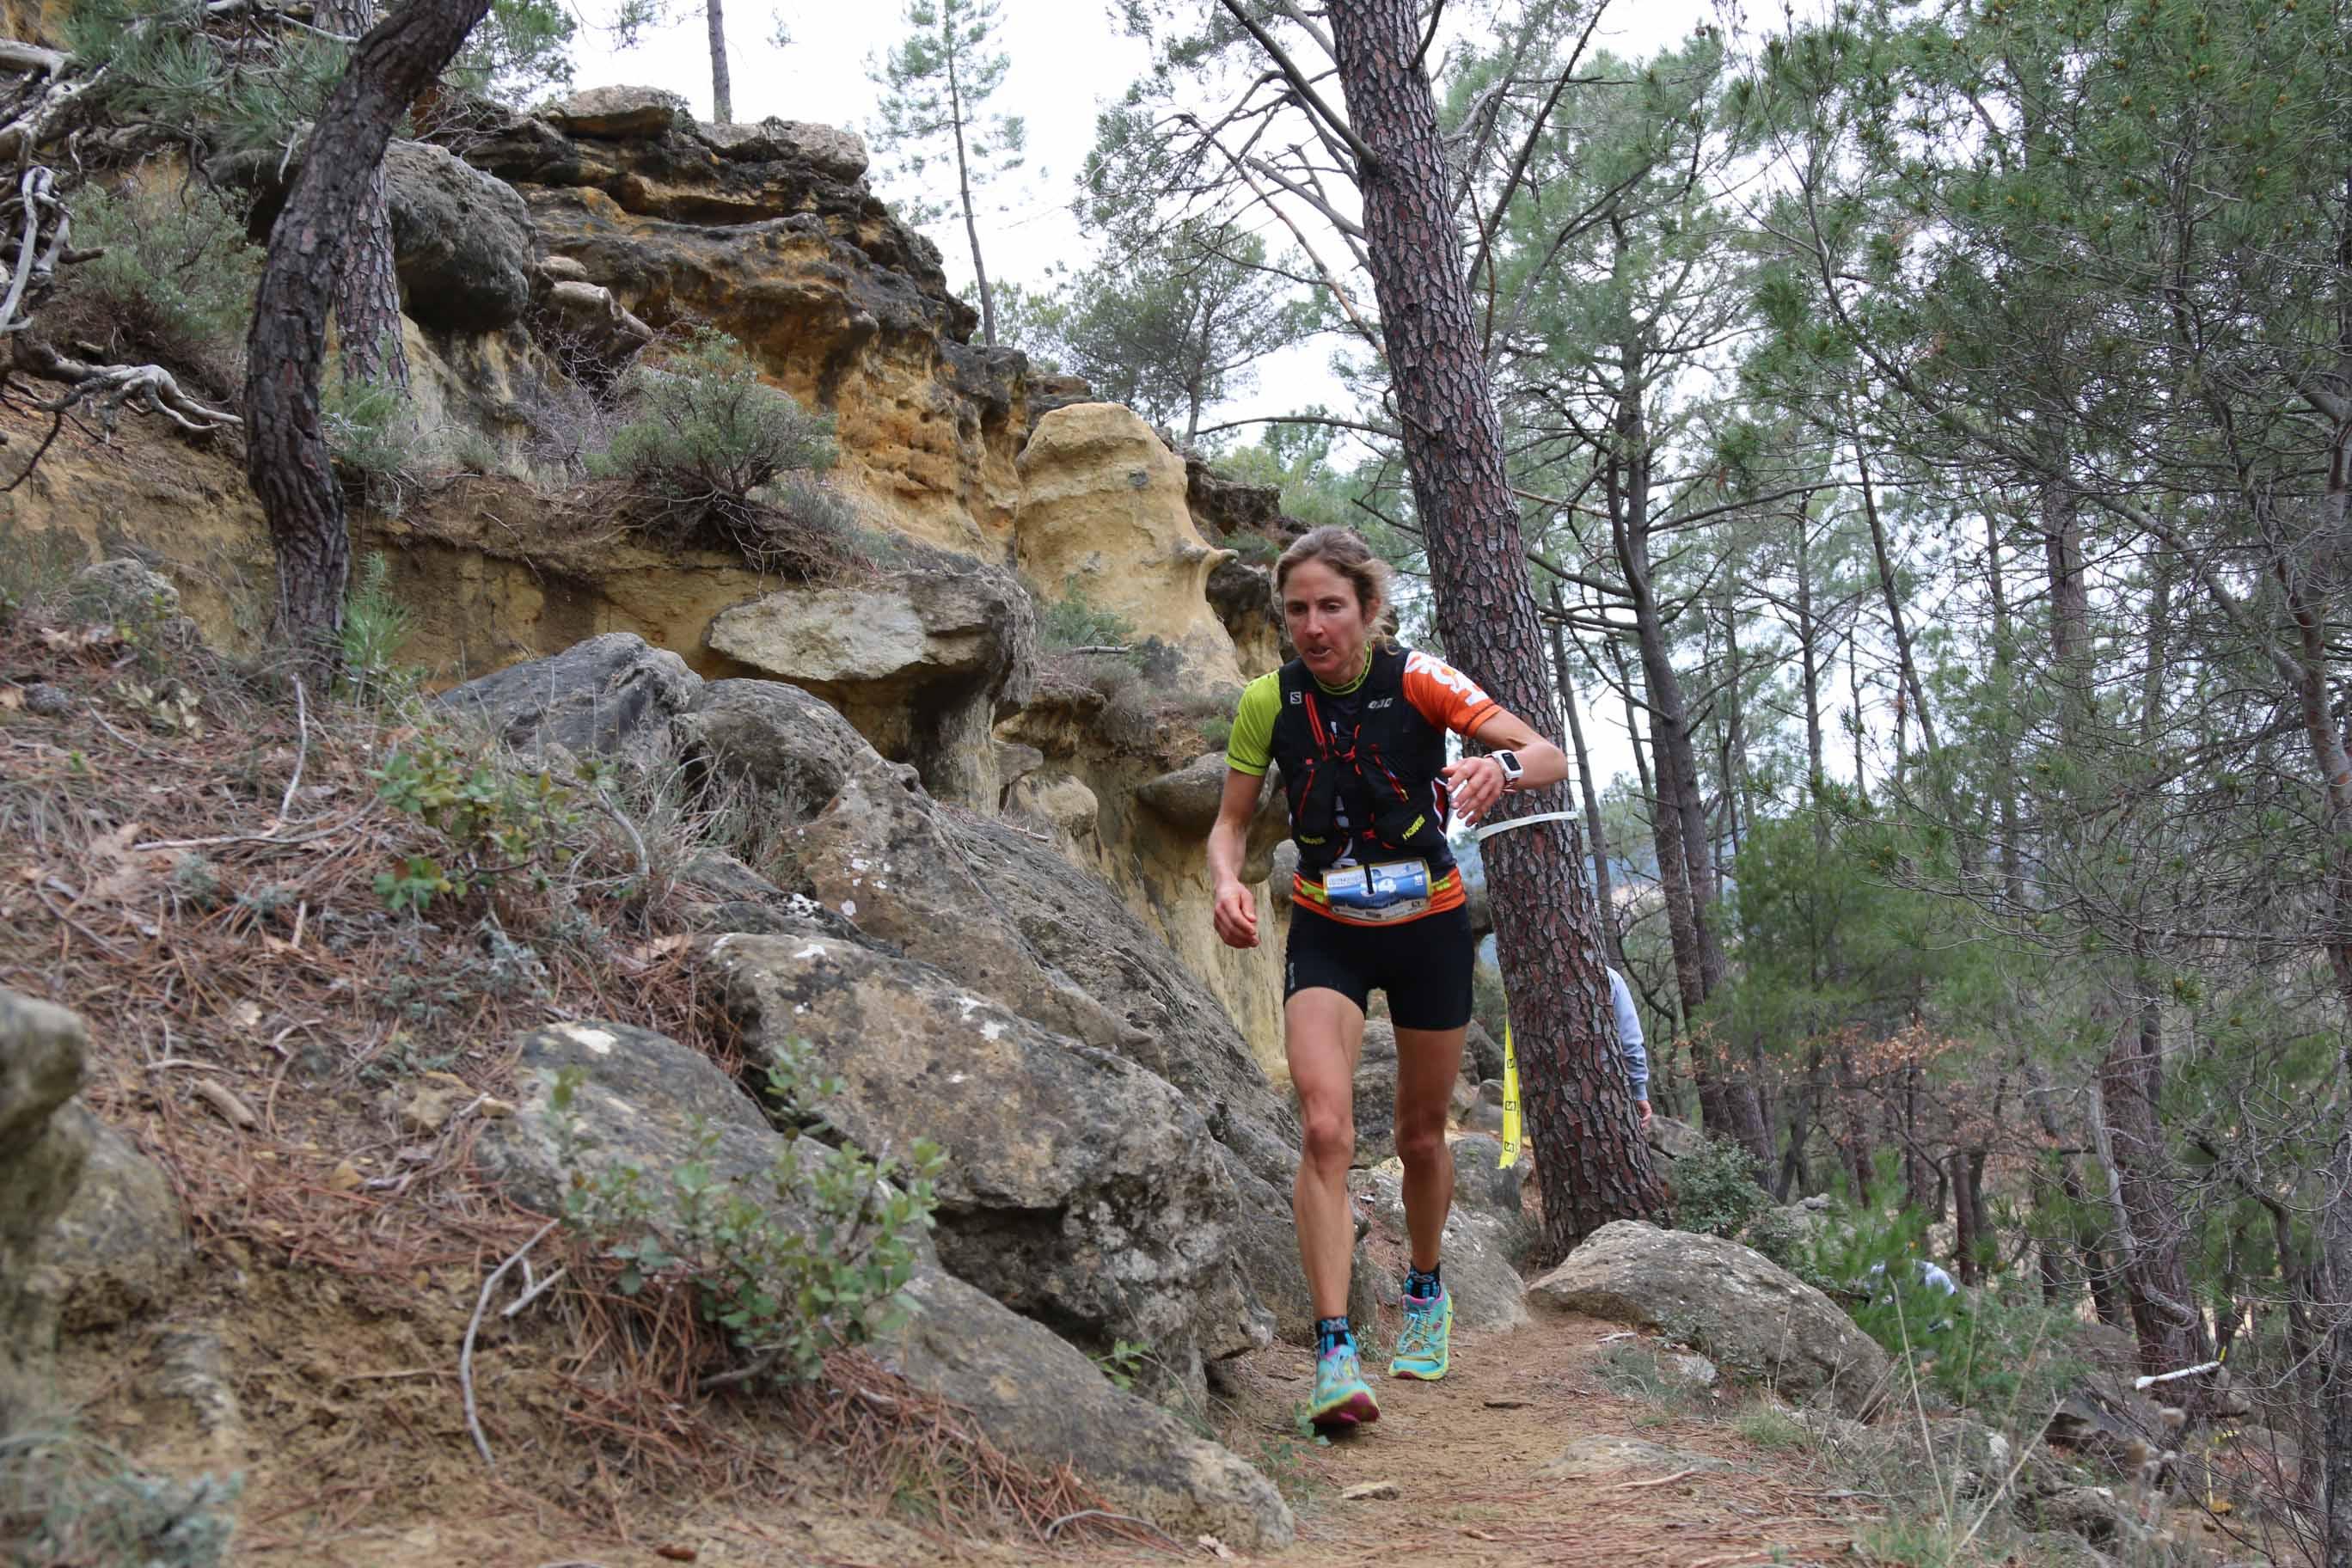 1 Caroline Chaverot vainqueur 46 km photo Robert Goin - ZOOM SUR... L'ERGYSPORT TRAIL DU VENTOUX 2016